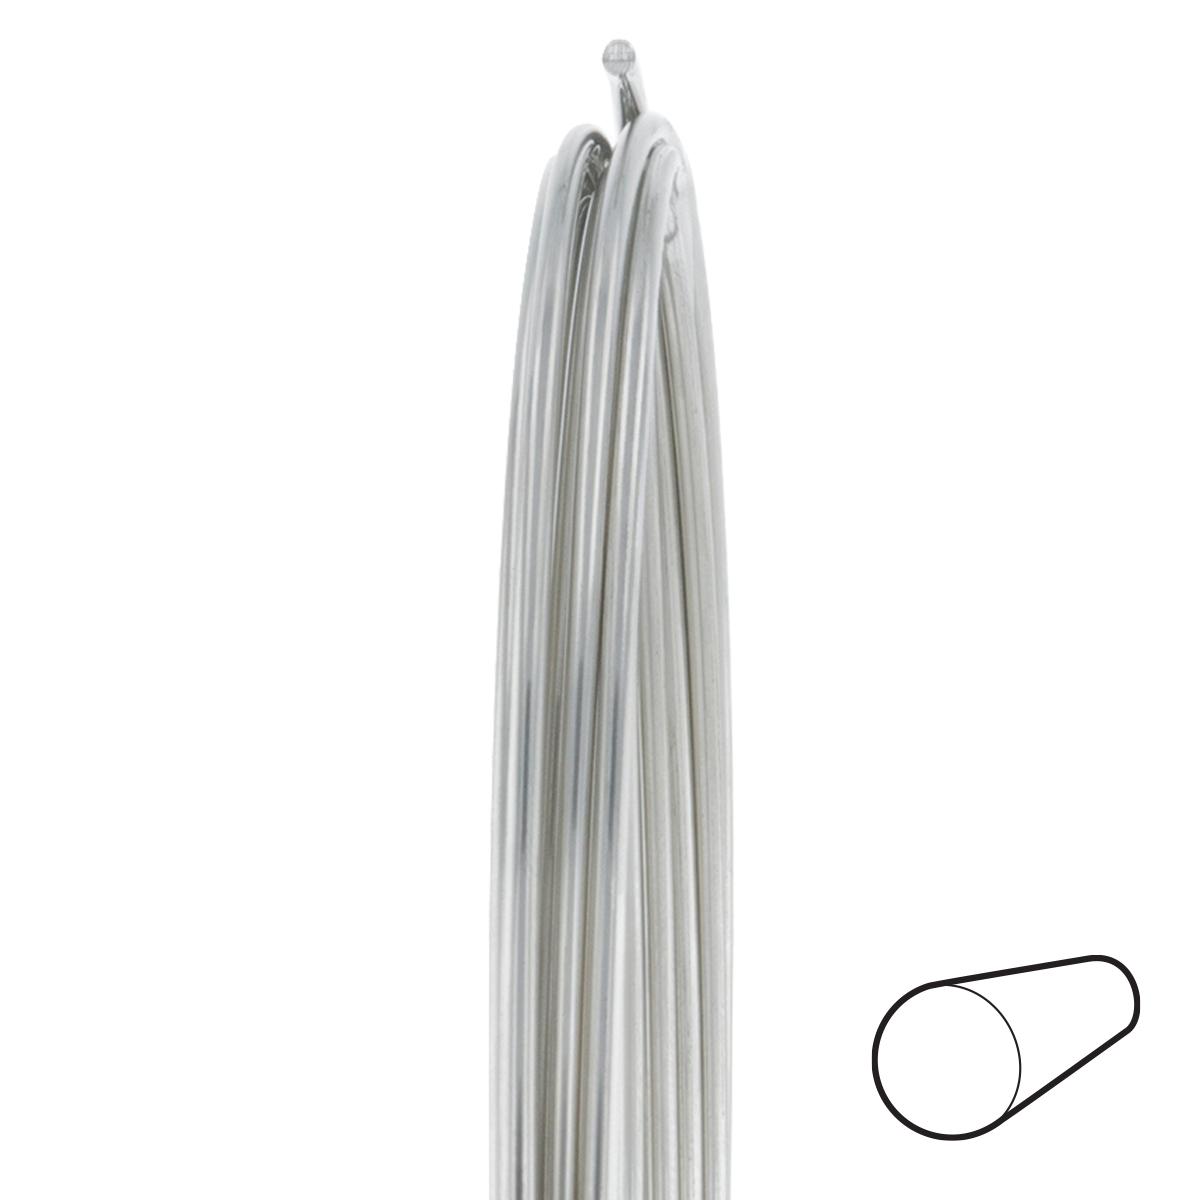 18 Gauge Round Dead Soft Nickel Silver Wire: Wire Jewelry | Wire ...